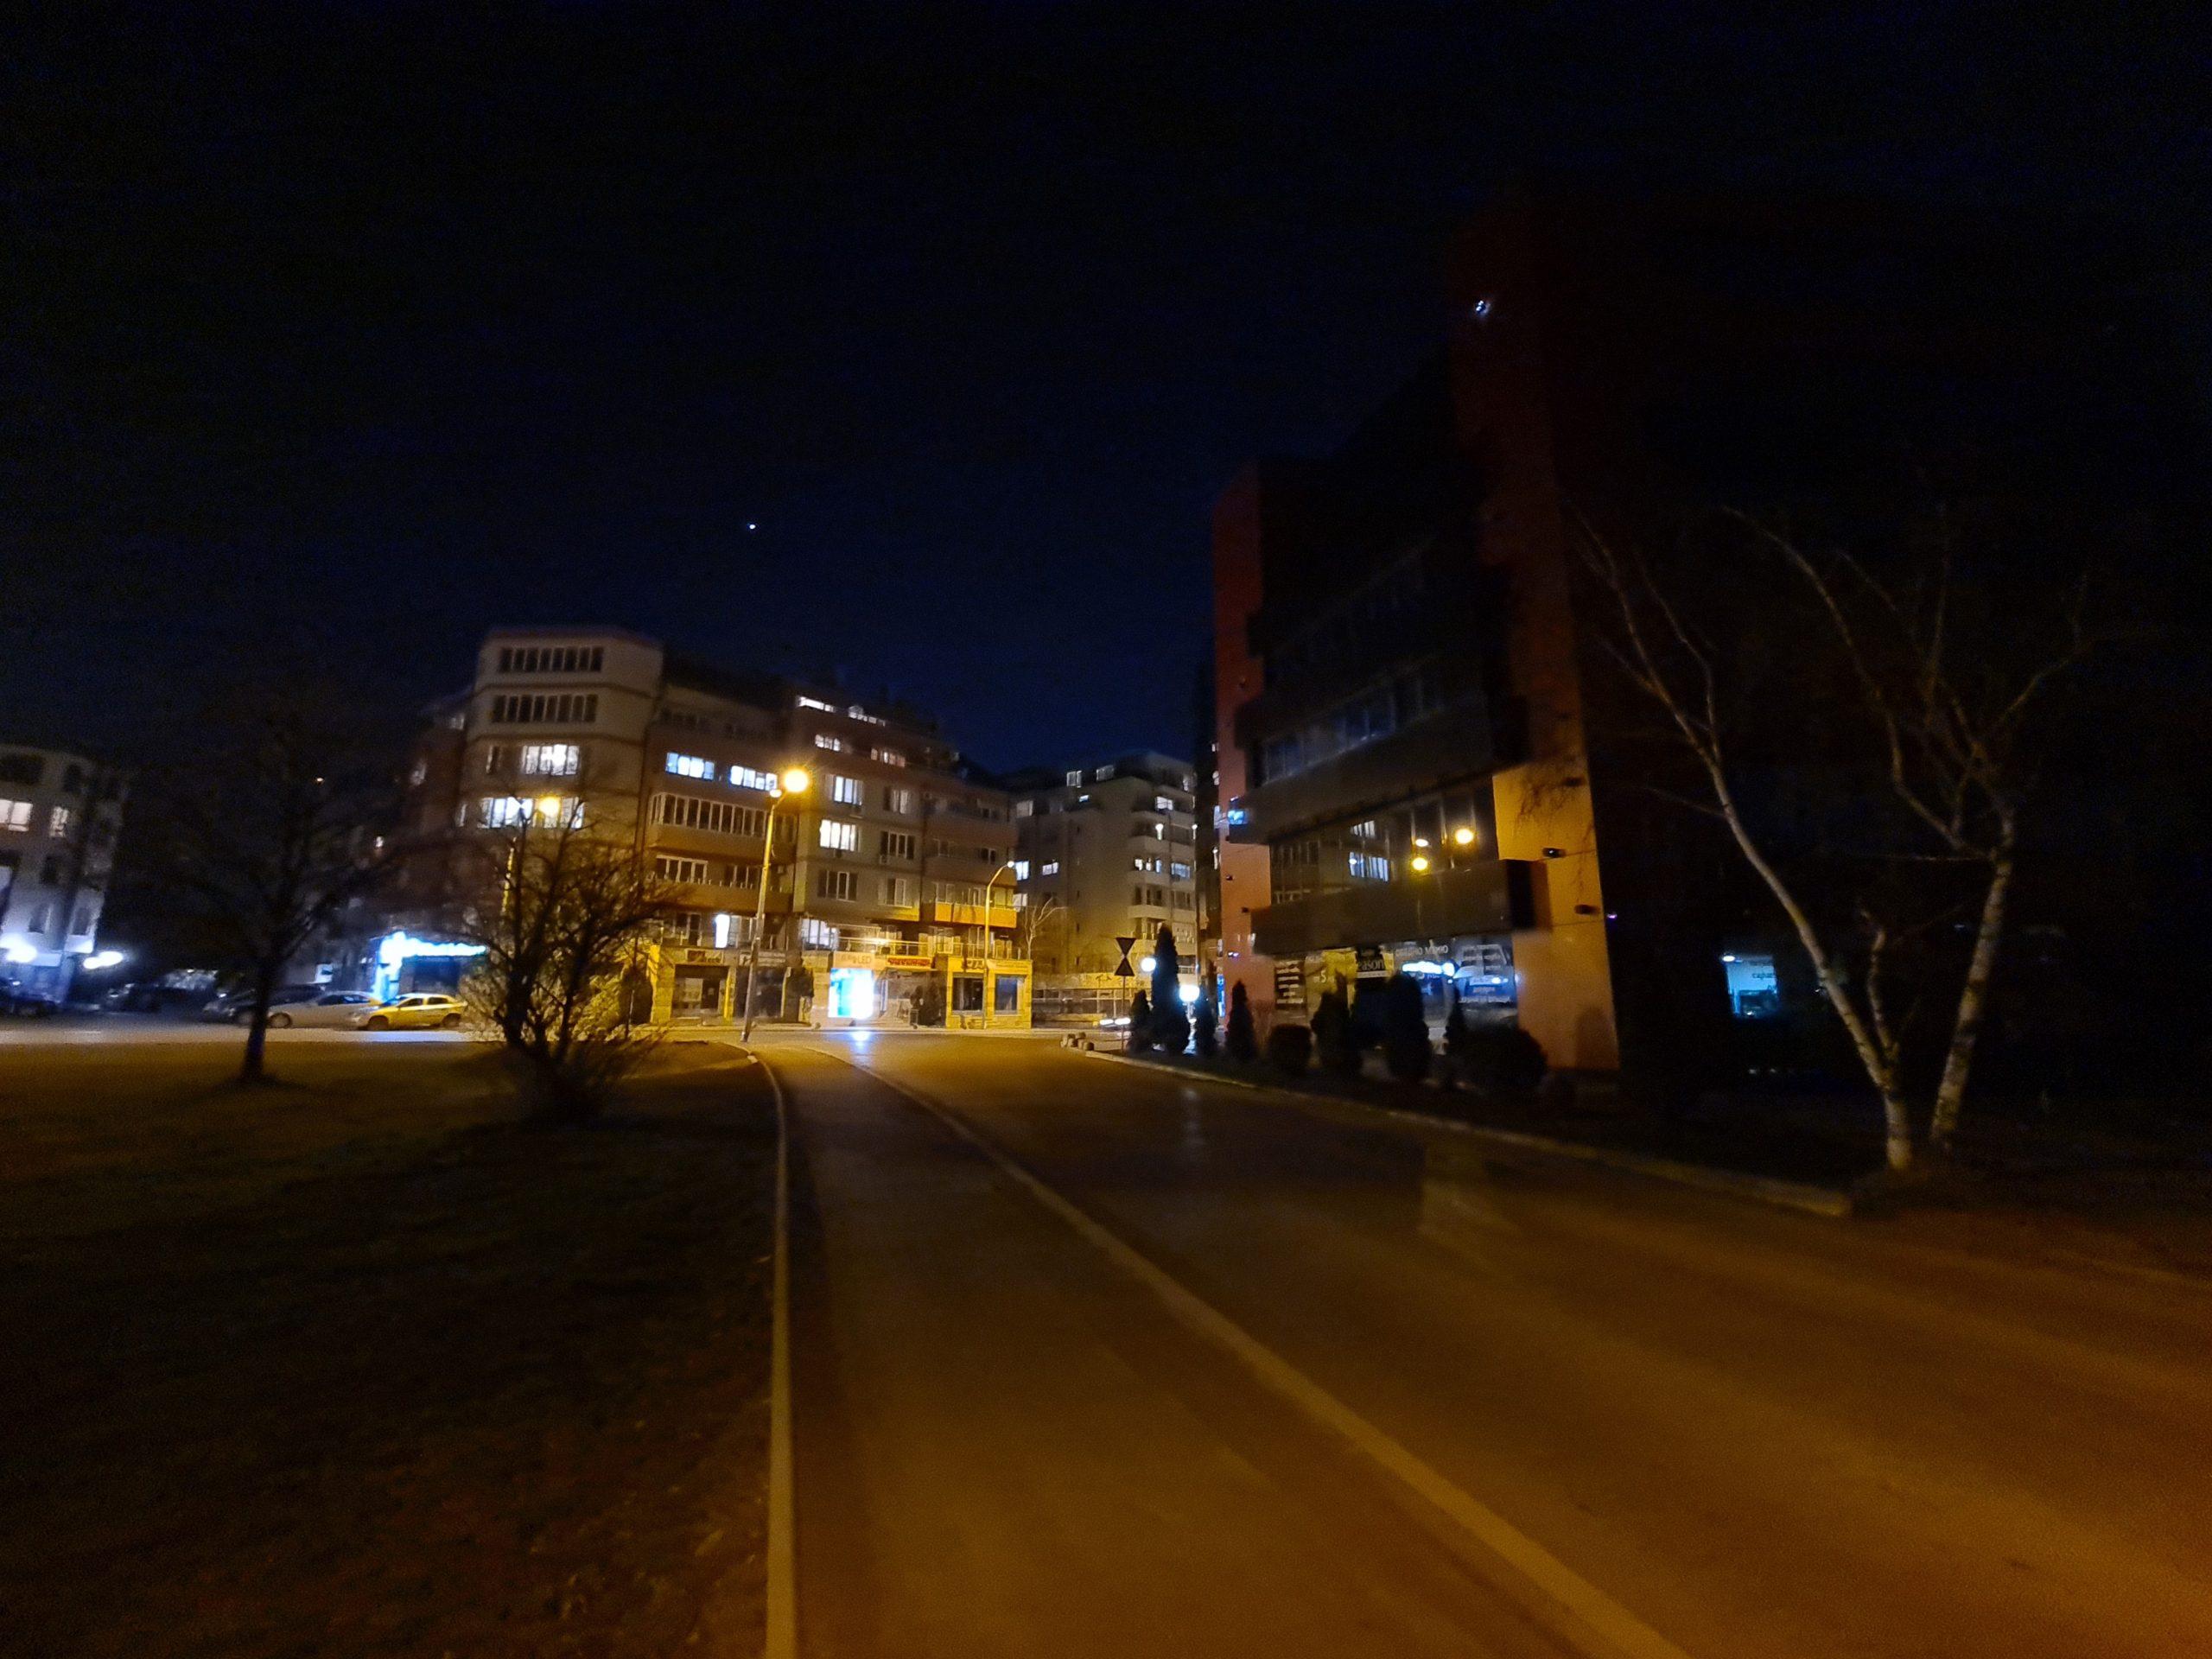 دوربین فوق عریض در شب با زوم 0.5 برابر scaled